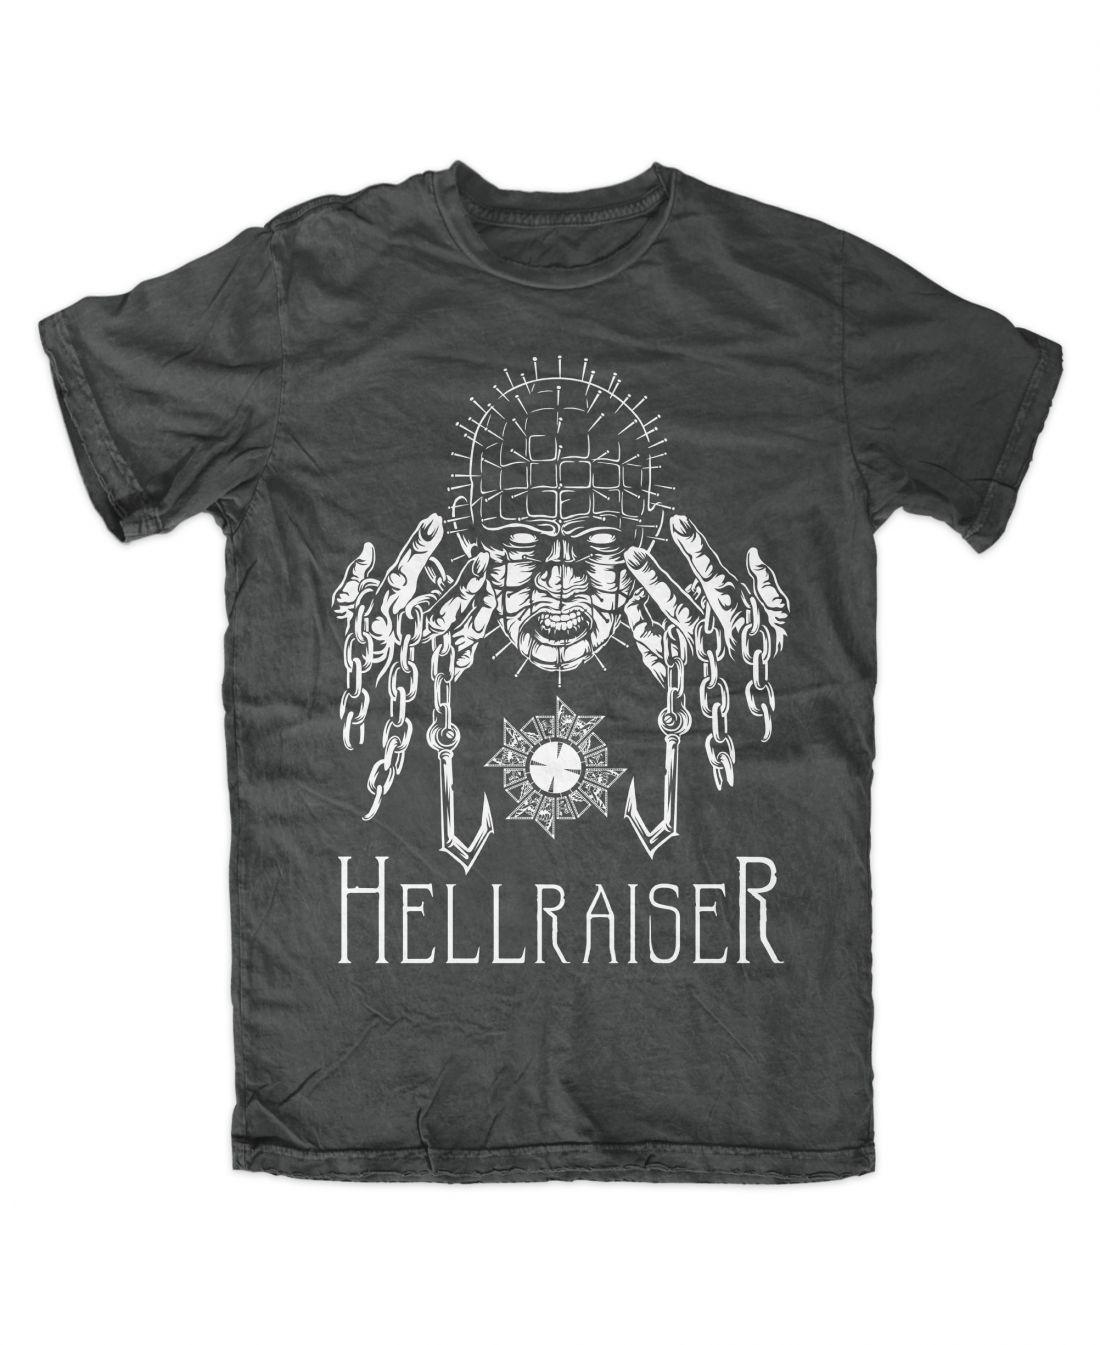 Hellraiser 001 (charcoal színű póló)